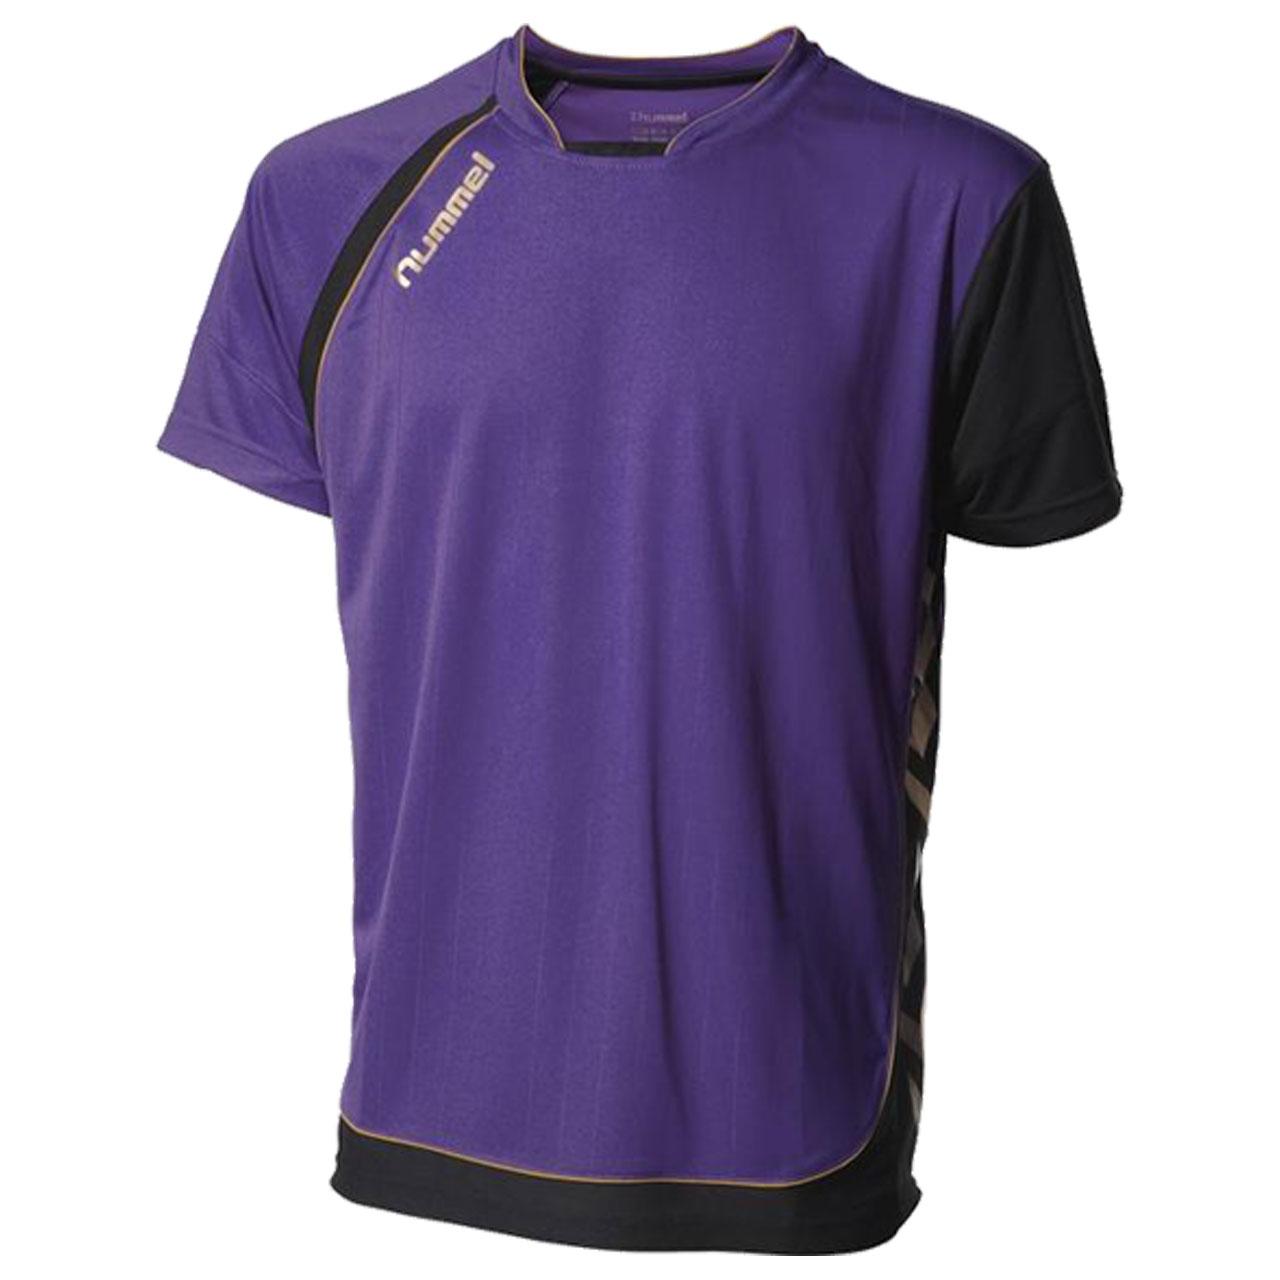 T-shirt Hummel Technické Zlata S/S Jersey rose XXL